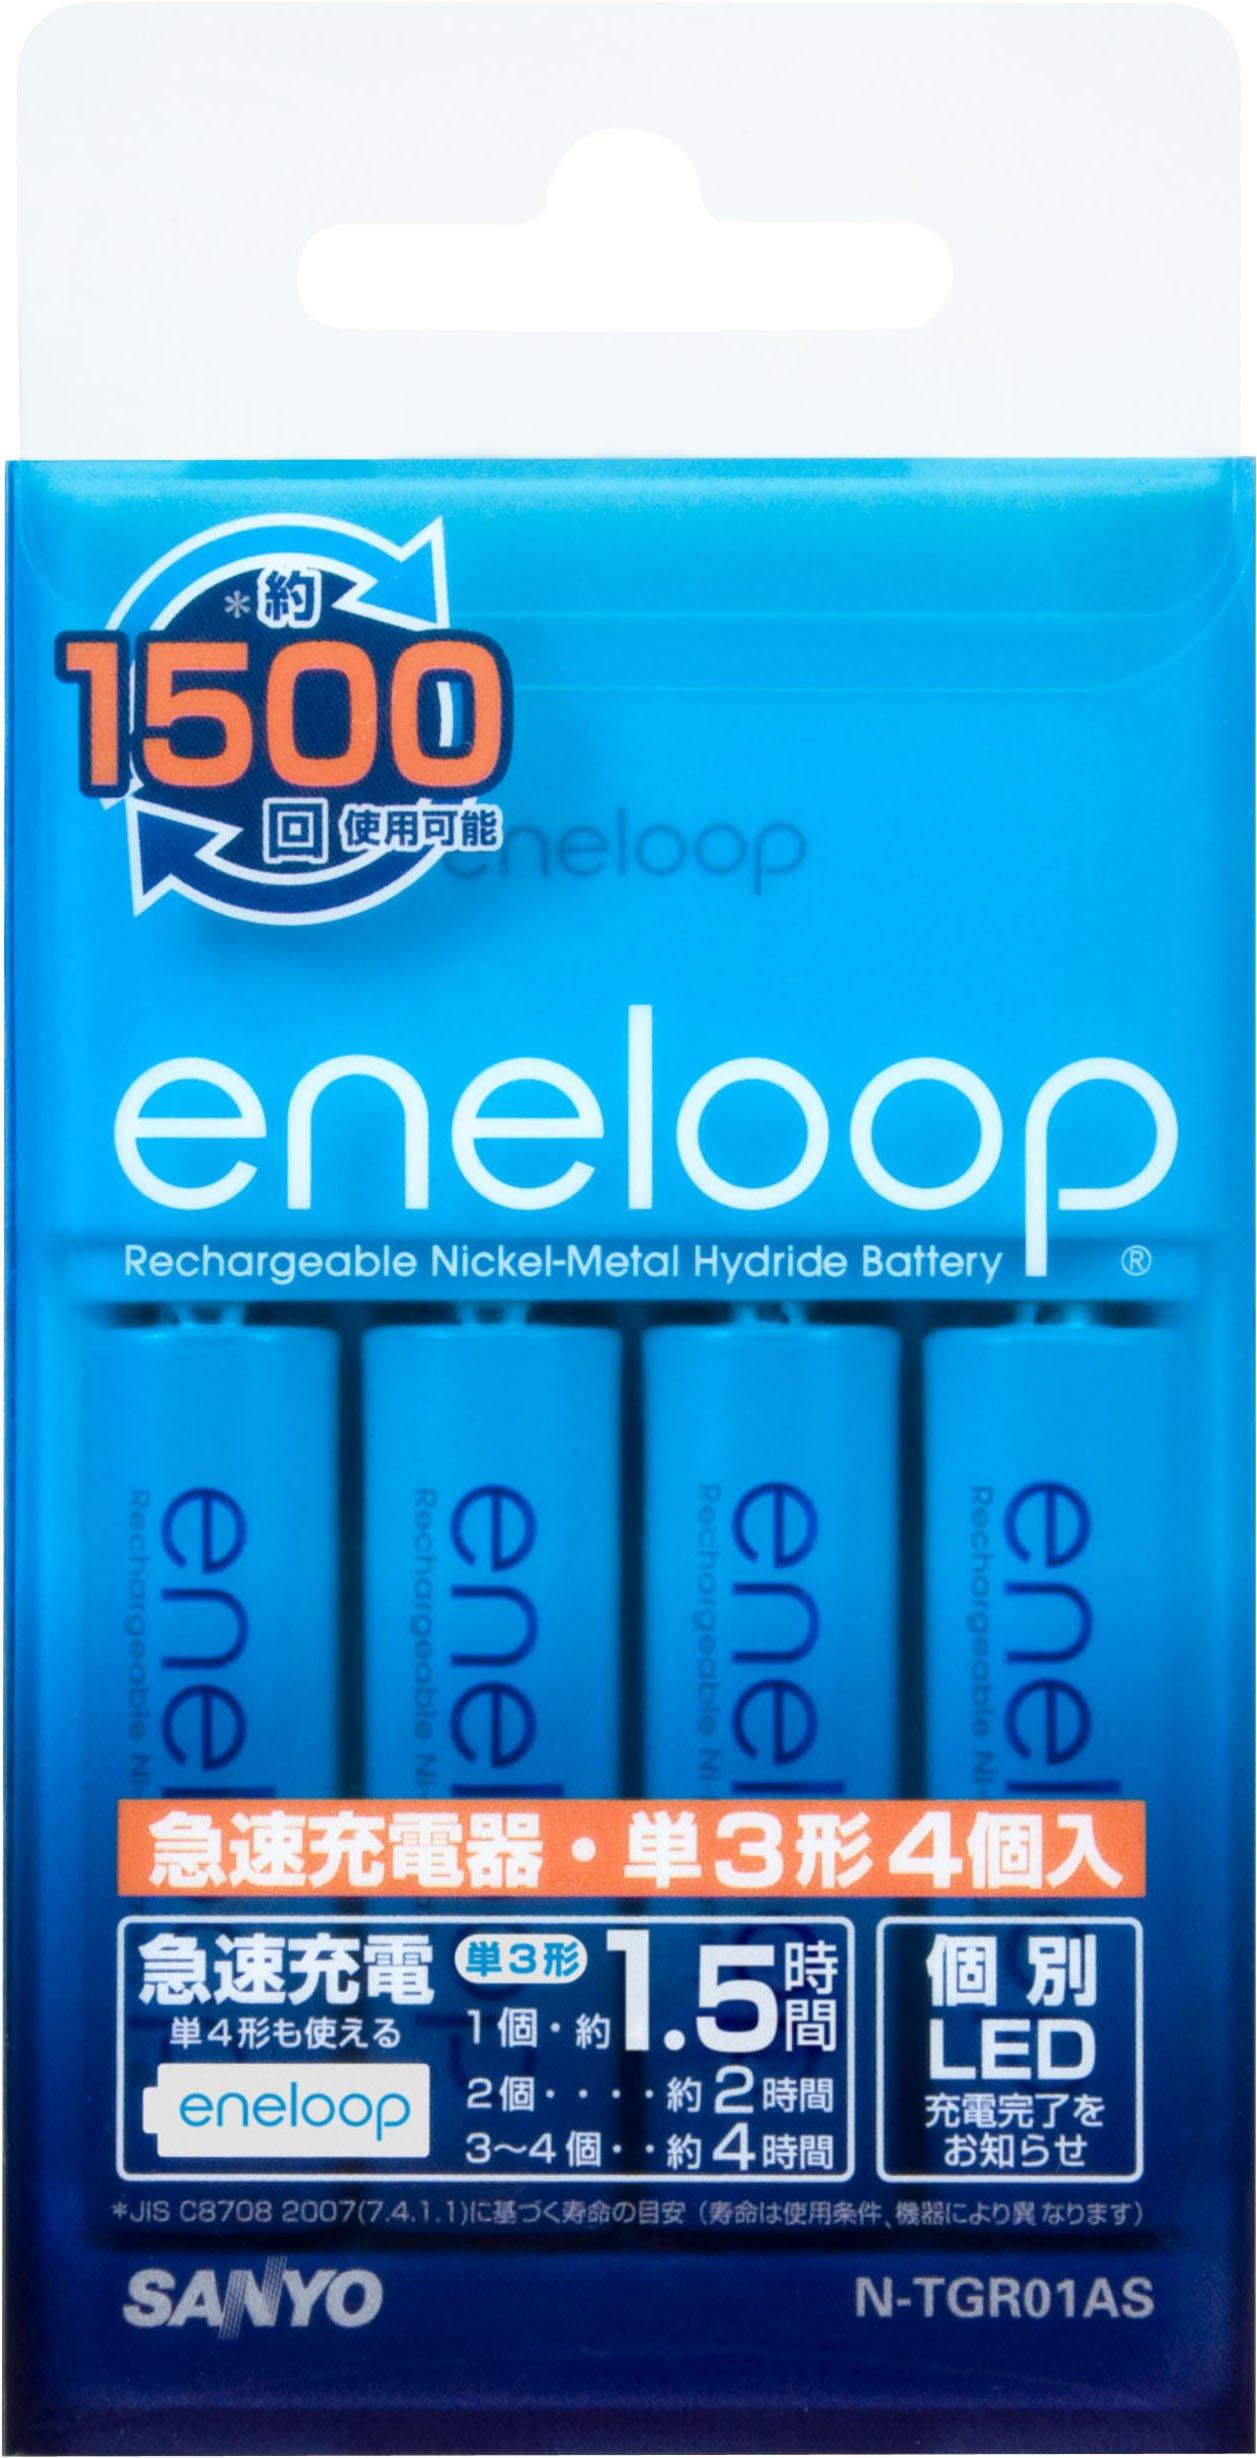 SANYO NEW eneloop 急速充電器セット 単3形4個セット N-TGR01AS